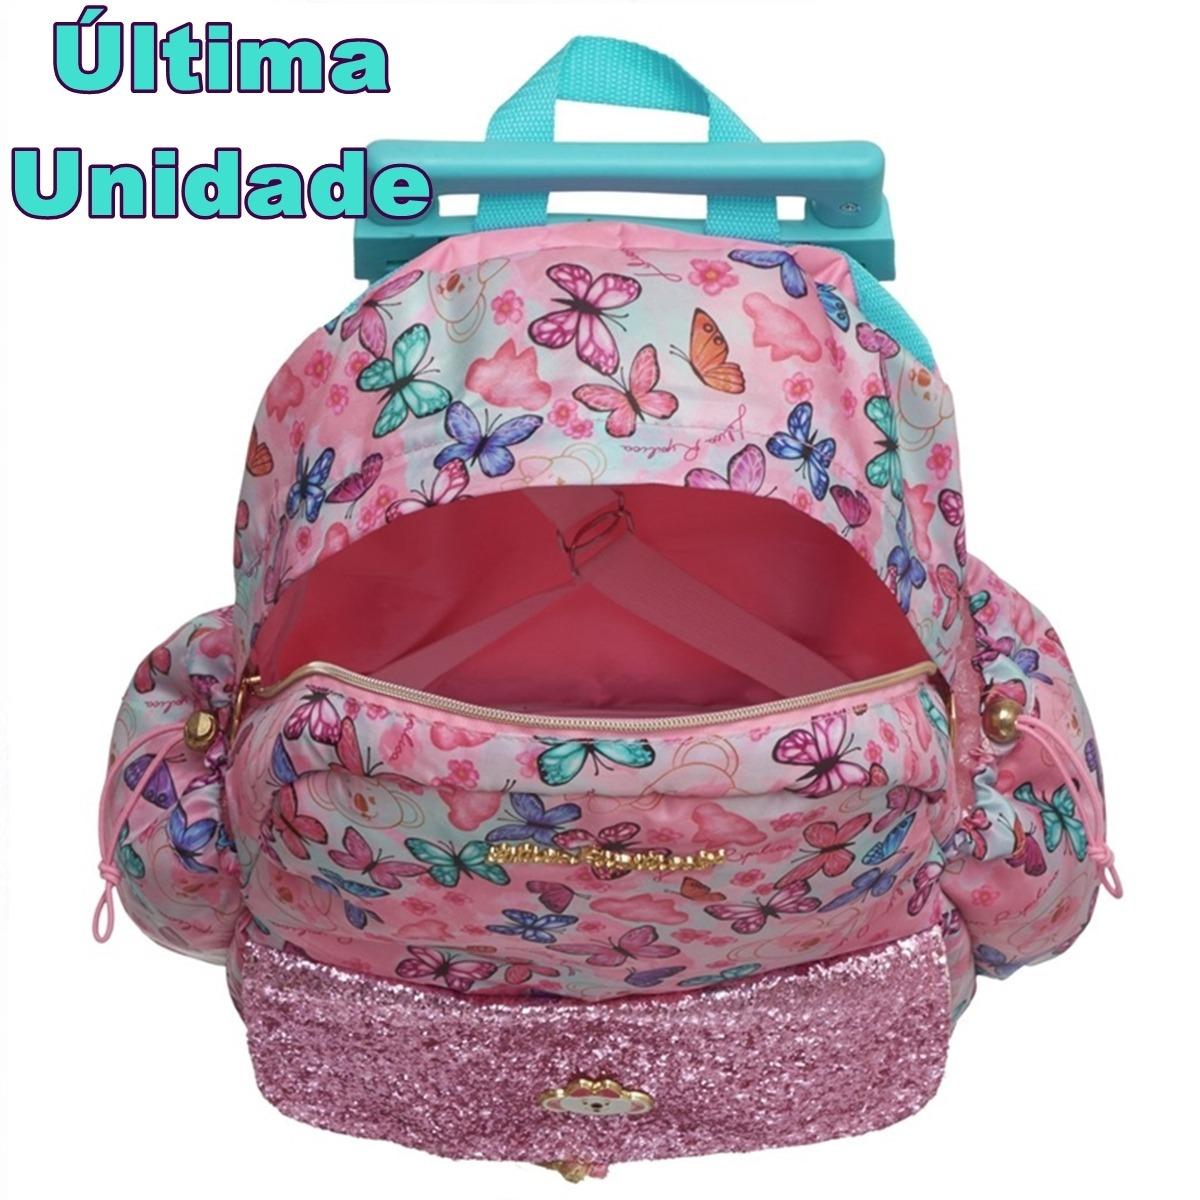 ad71d69b242e8 mochila infantil feminina grande com rodinhas lilica ripilic. Carregando  zoom.